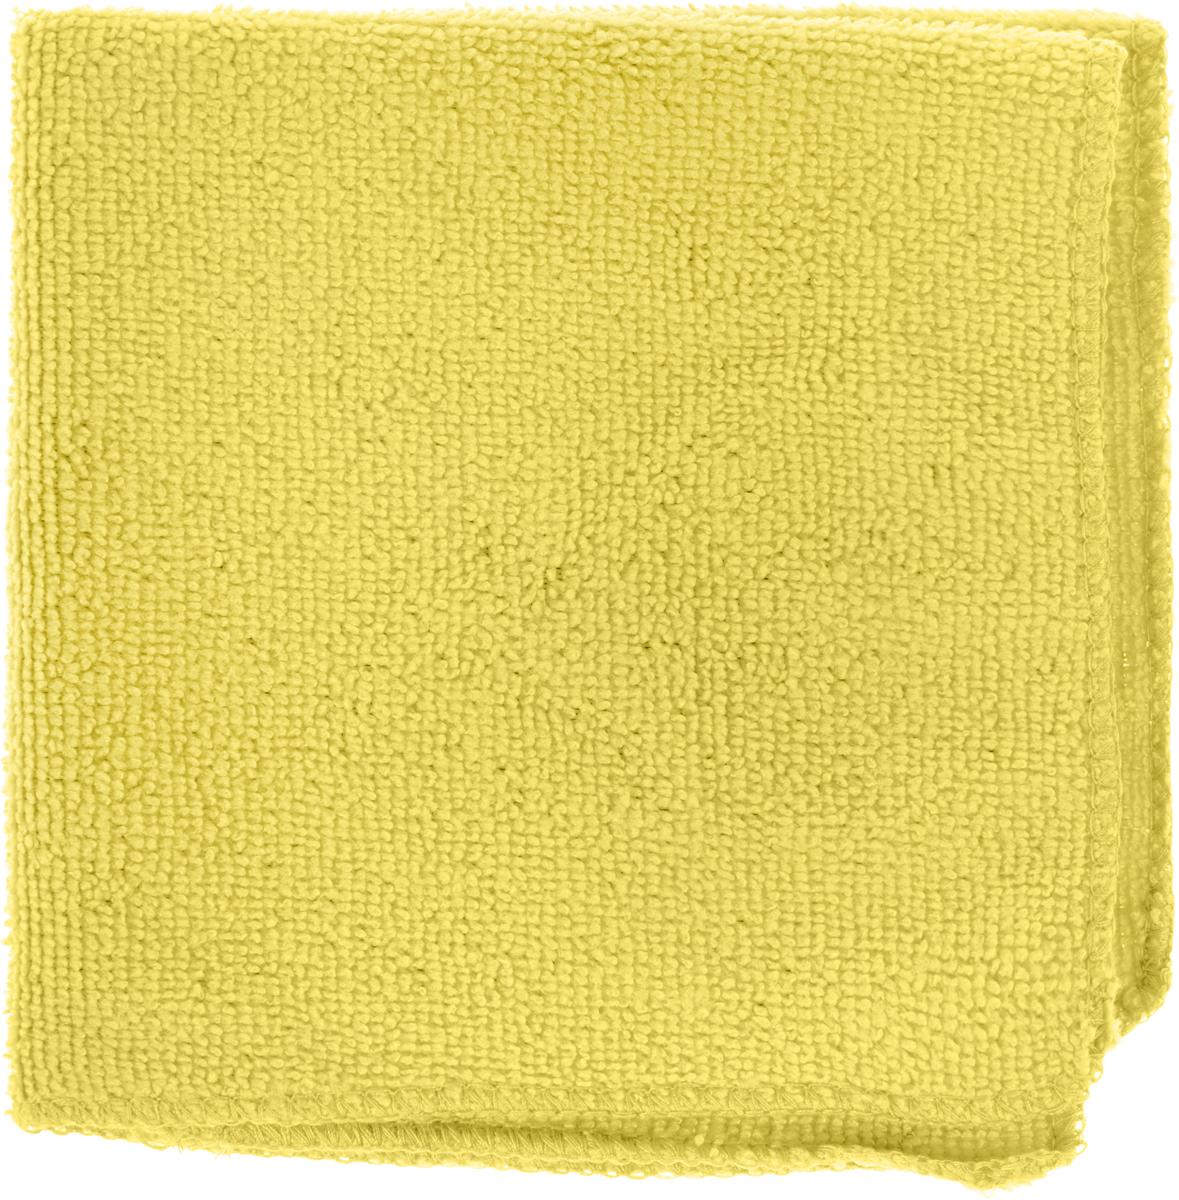 Салфетка универсальная Коллекция, цвет: желтый, 30 х 30 см. Х5СМФХ5СМФ_желтыйСалфетка универсальная Коллекция эффективно очищает, не царапает поверхность, не оставляет разводов и ворсинок. Идеально подходит сухим и влажным способом. Впитывает воду, жир и пыль. Салфетка легко стирается и быстро сохнет.Размер салфетки: 30 х 30 см.